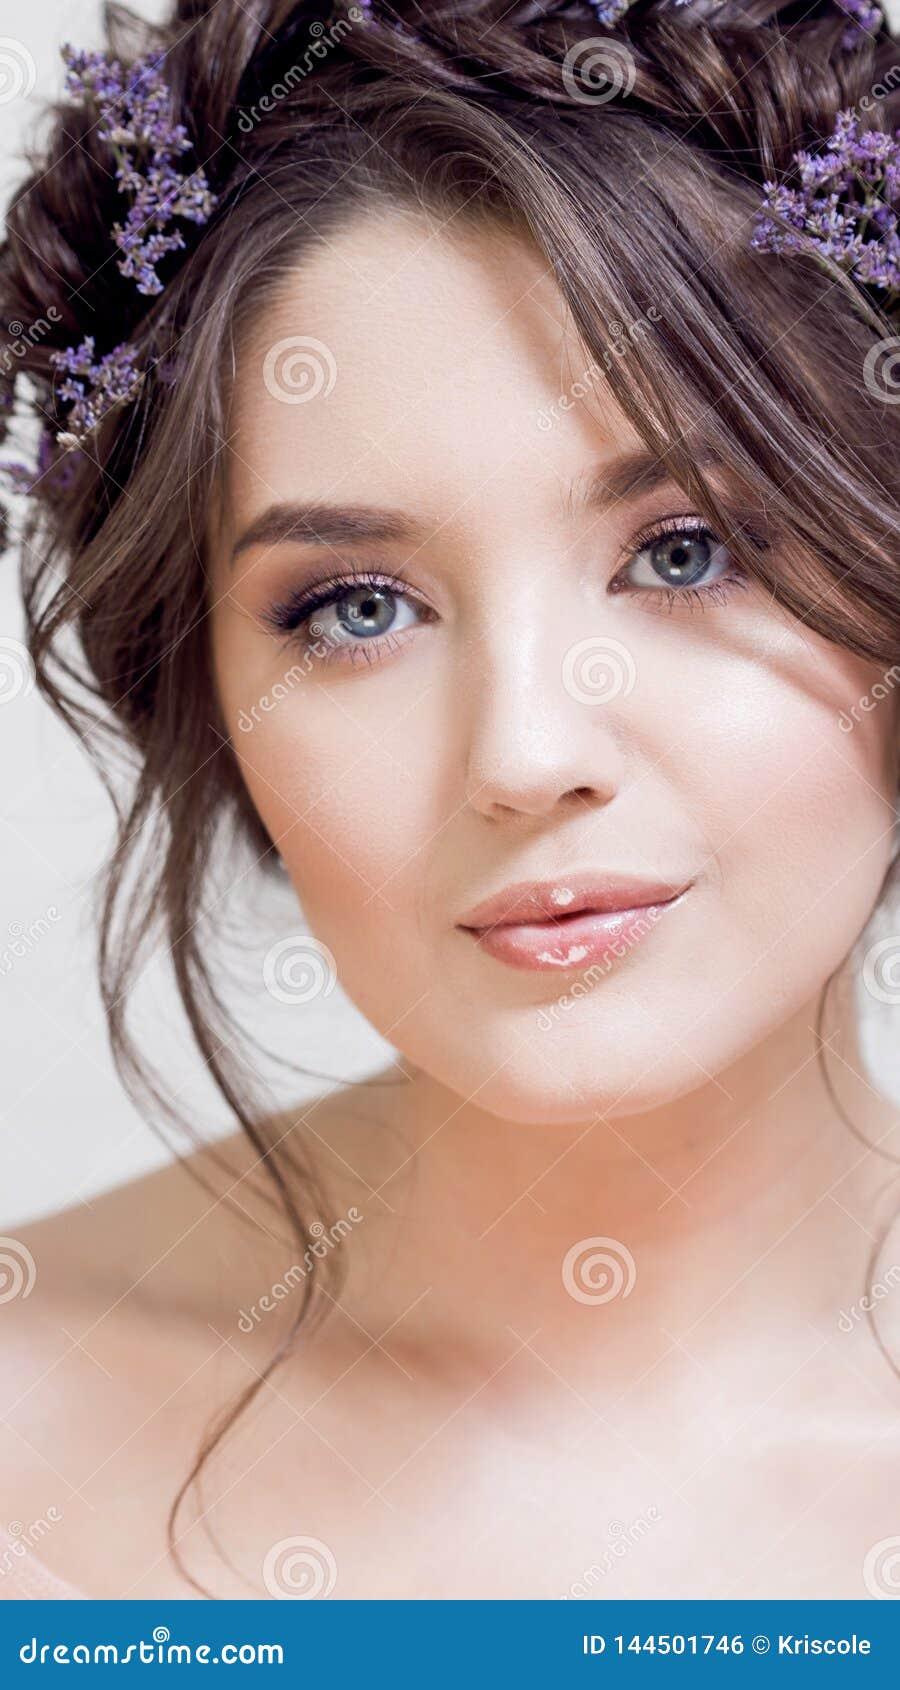 Delikatny portret piękna młoda kobieta z włosy z warkoczami